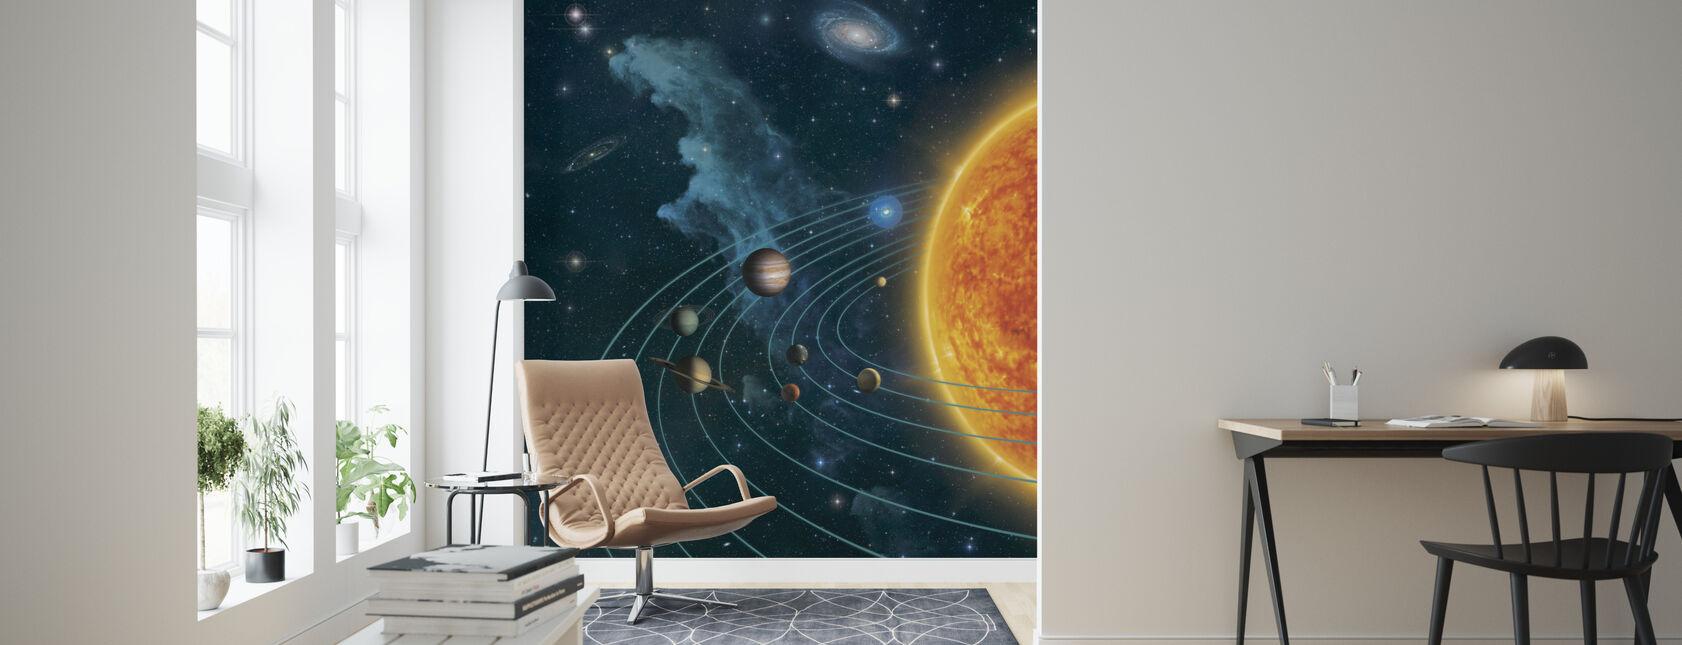 Aurinkokunta - Tapetti - Olohuone